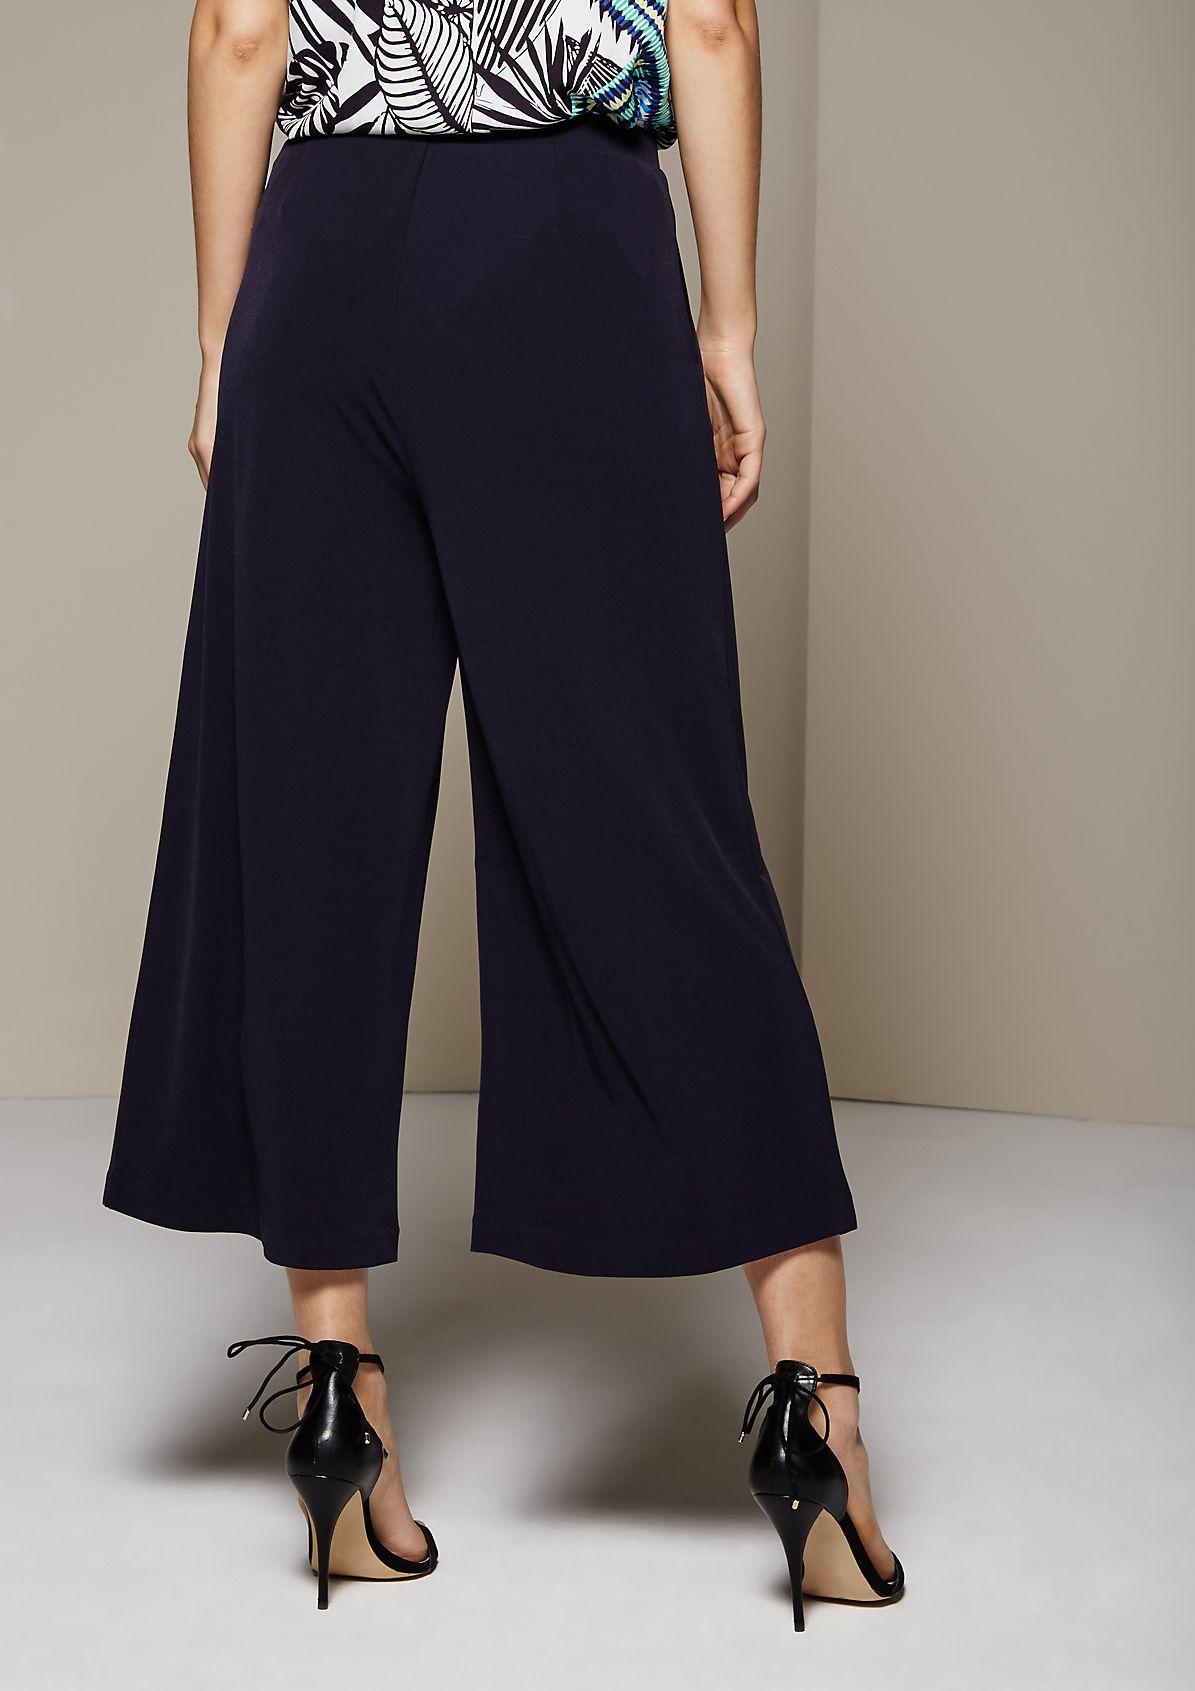 Sommerliche 3/4-Jerseypants mit feinen Details